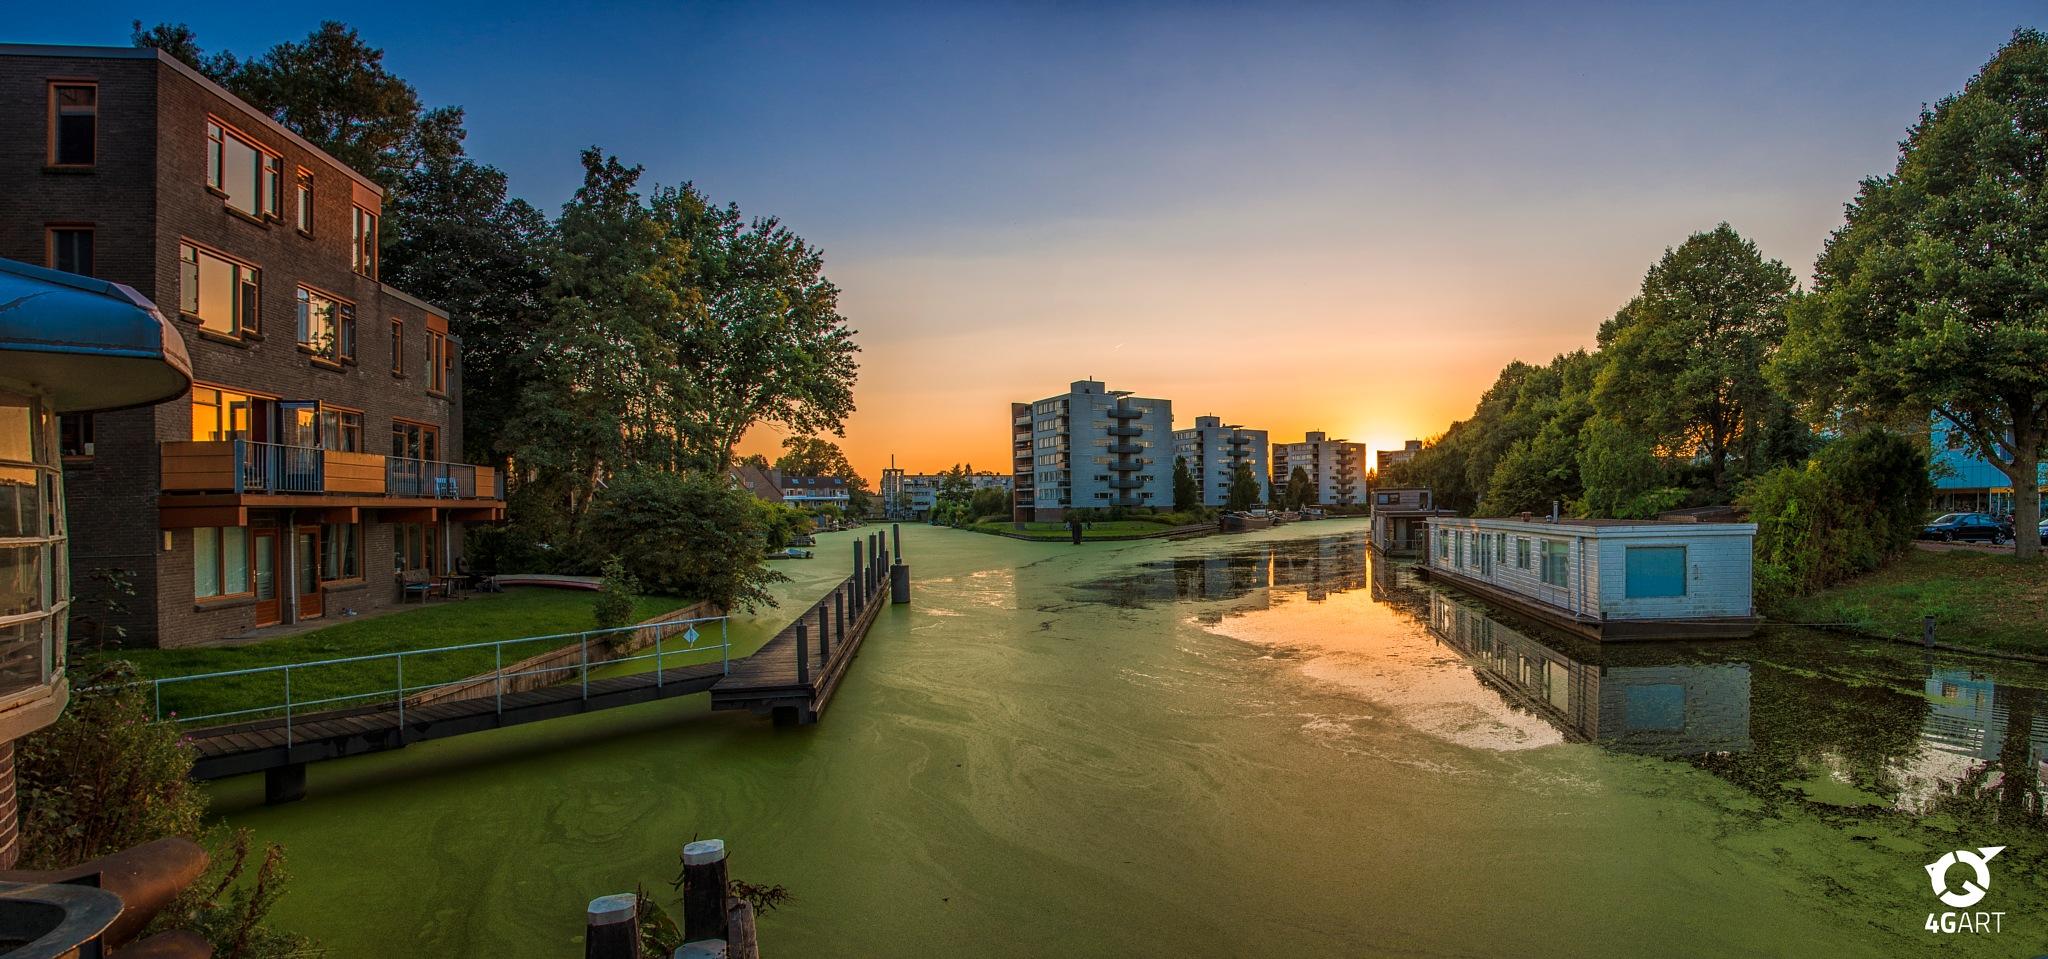 Groningen by Gedion van Eiken